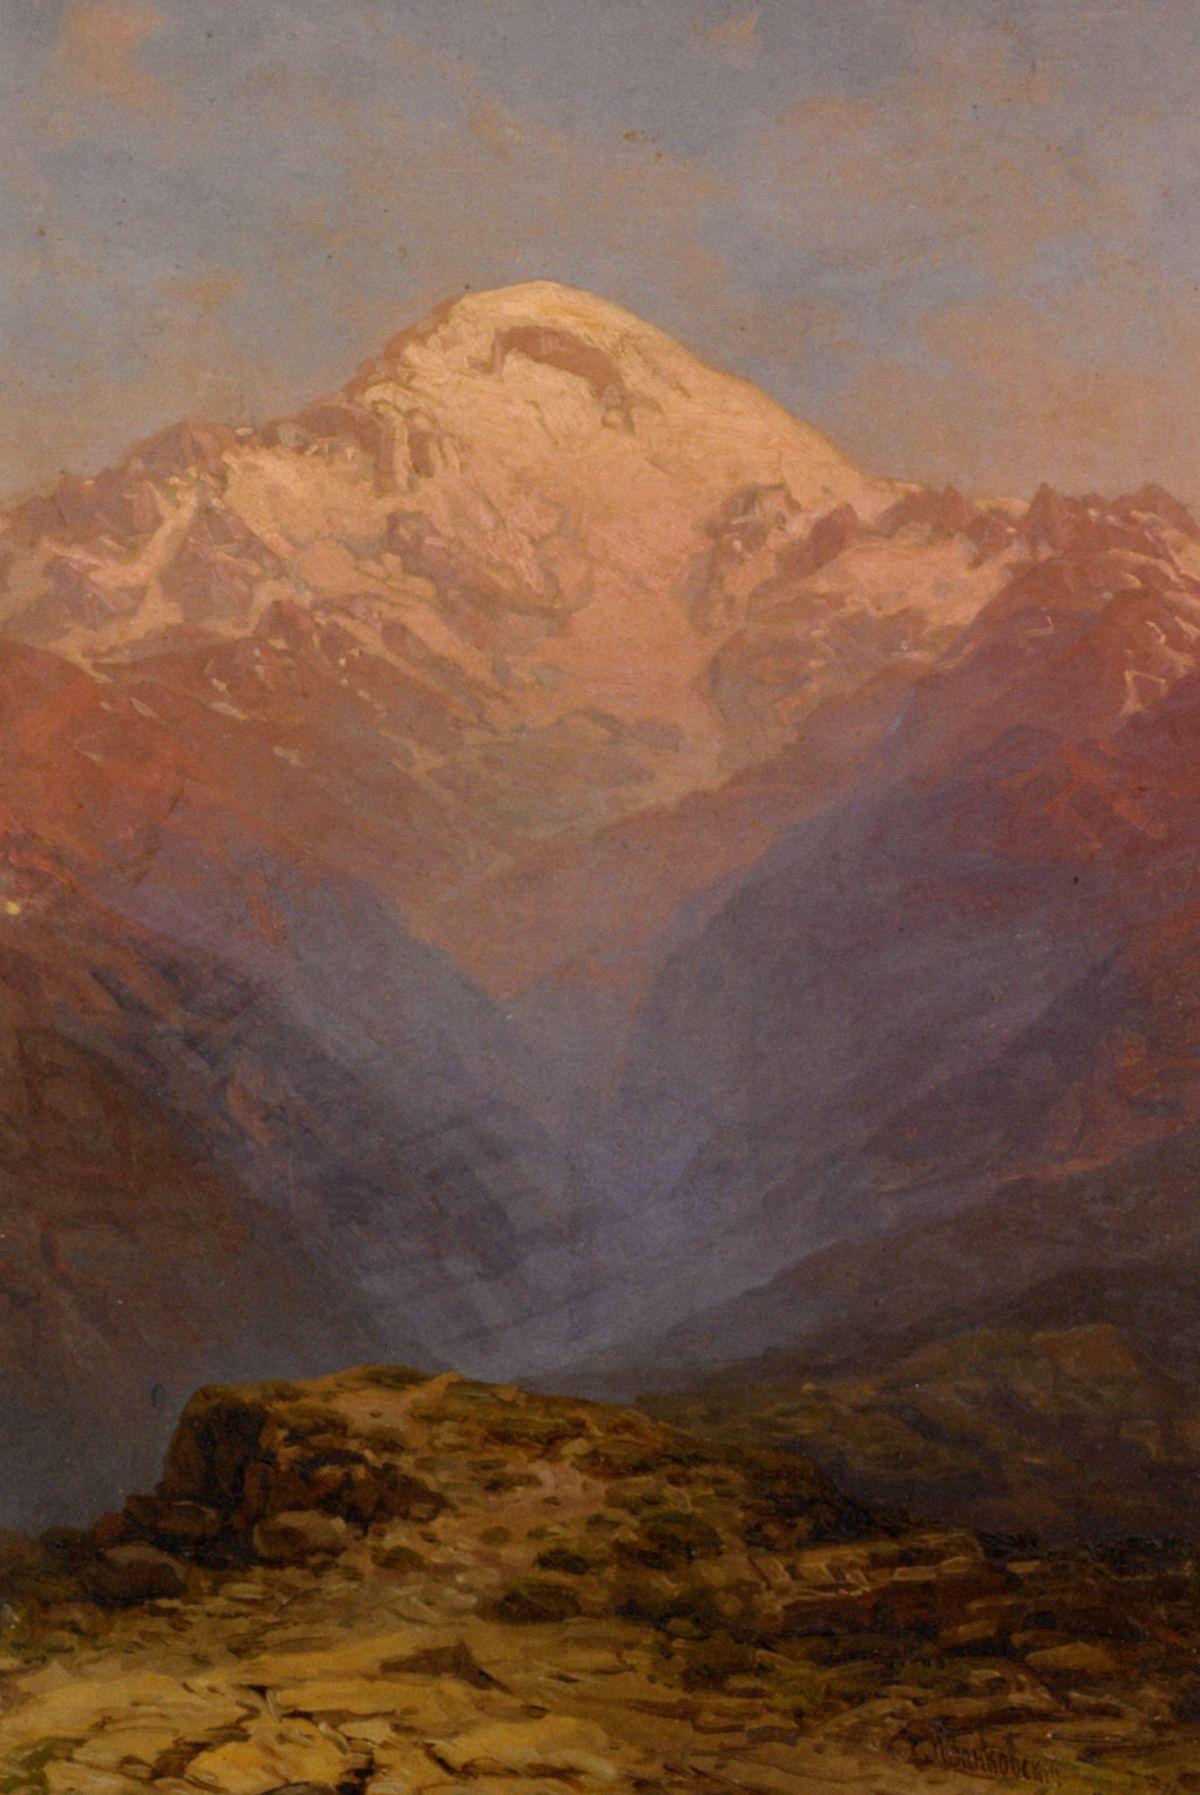 Sunset in the Mountains by Ilya Nikolaevich Zankovsky